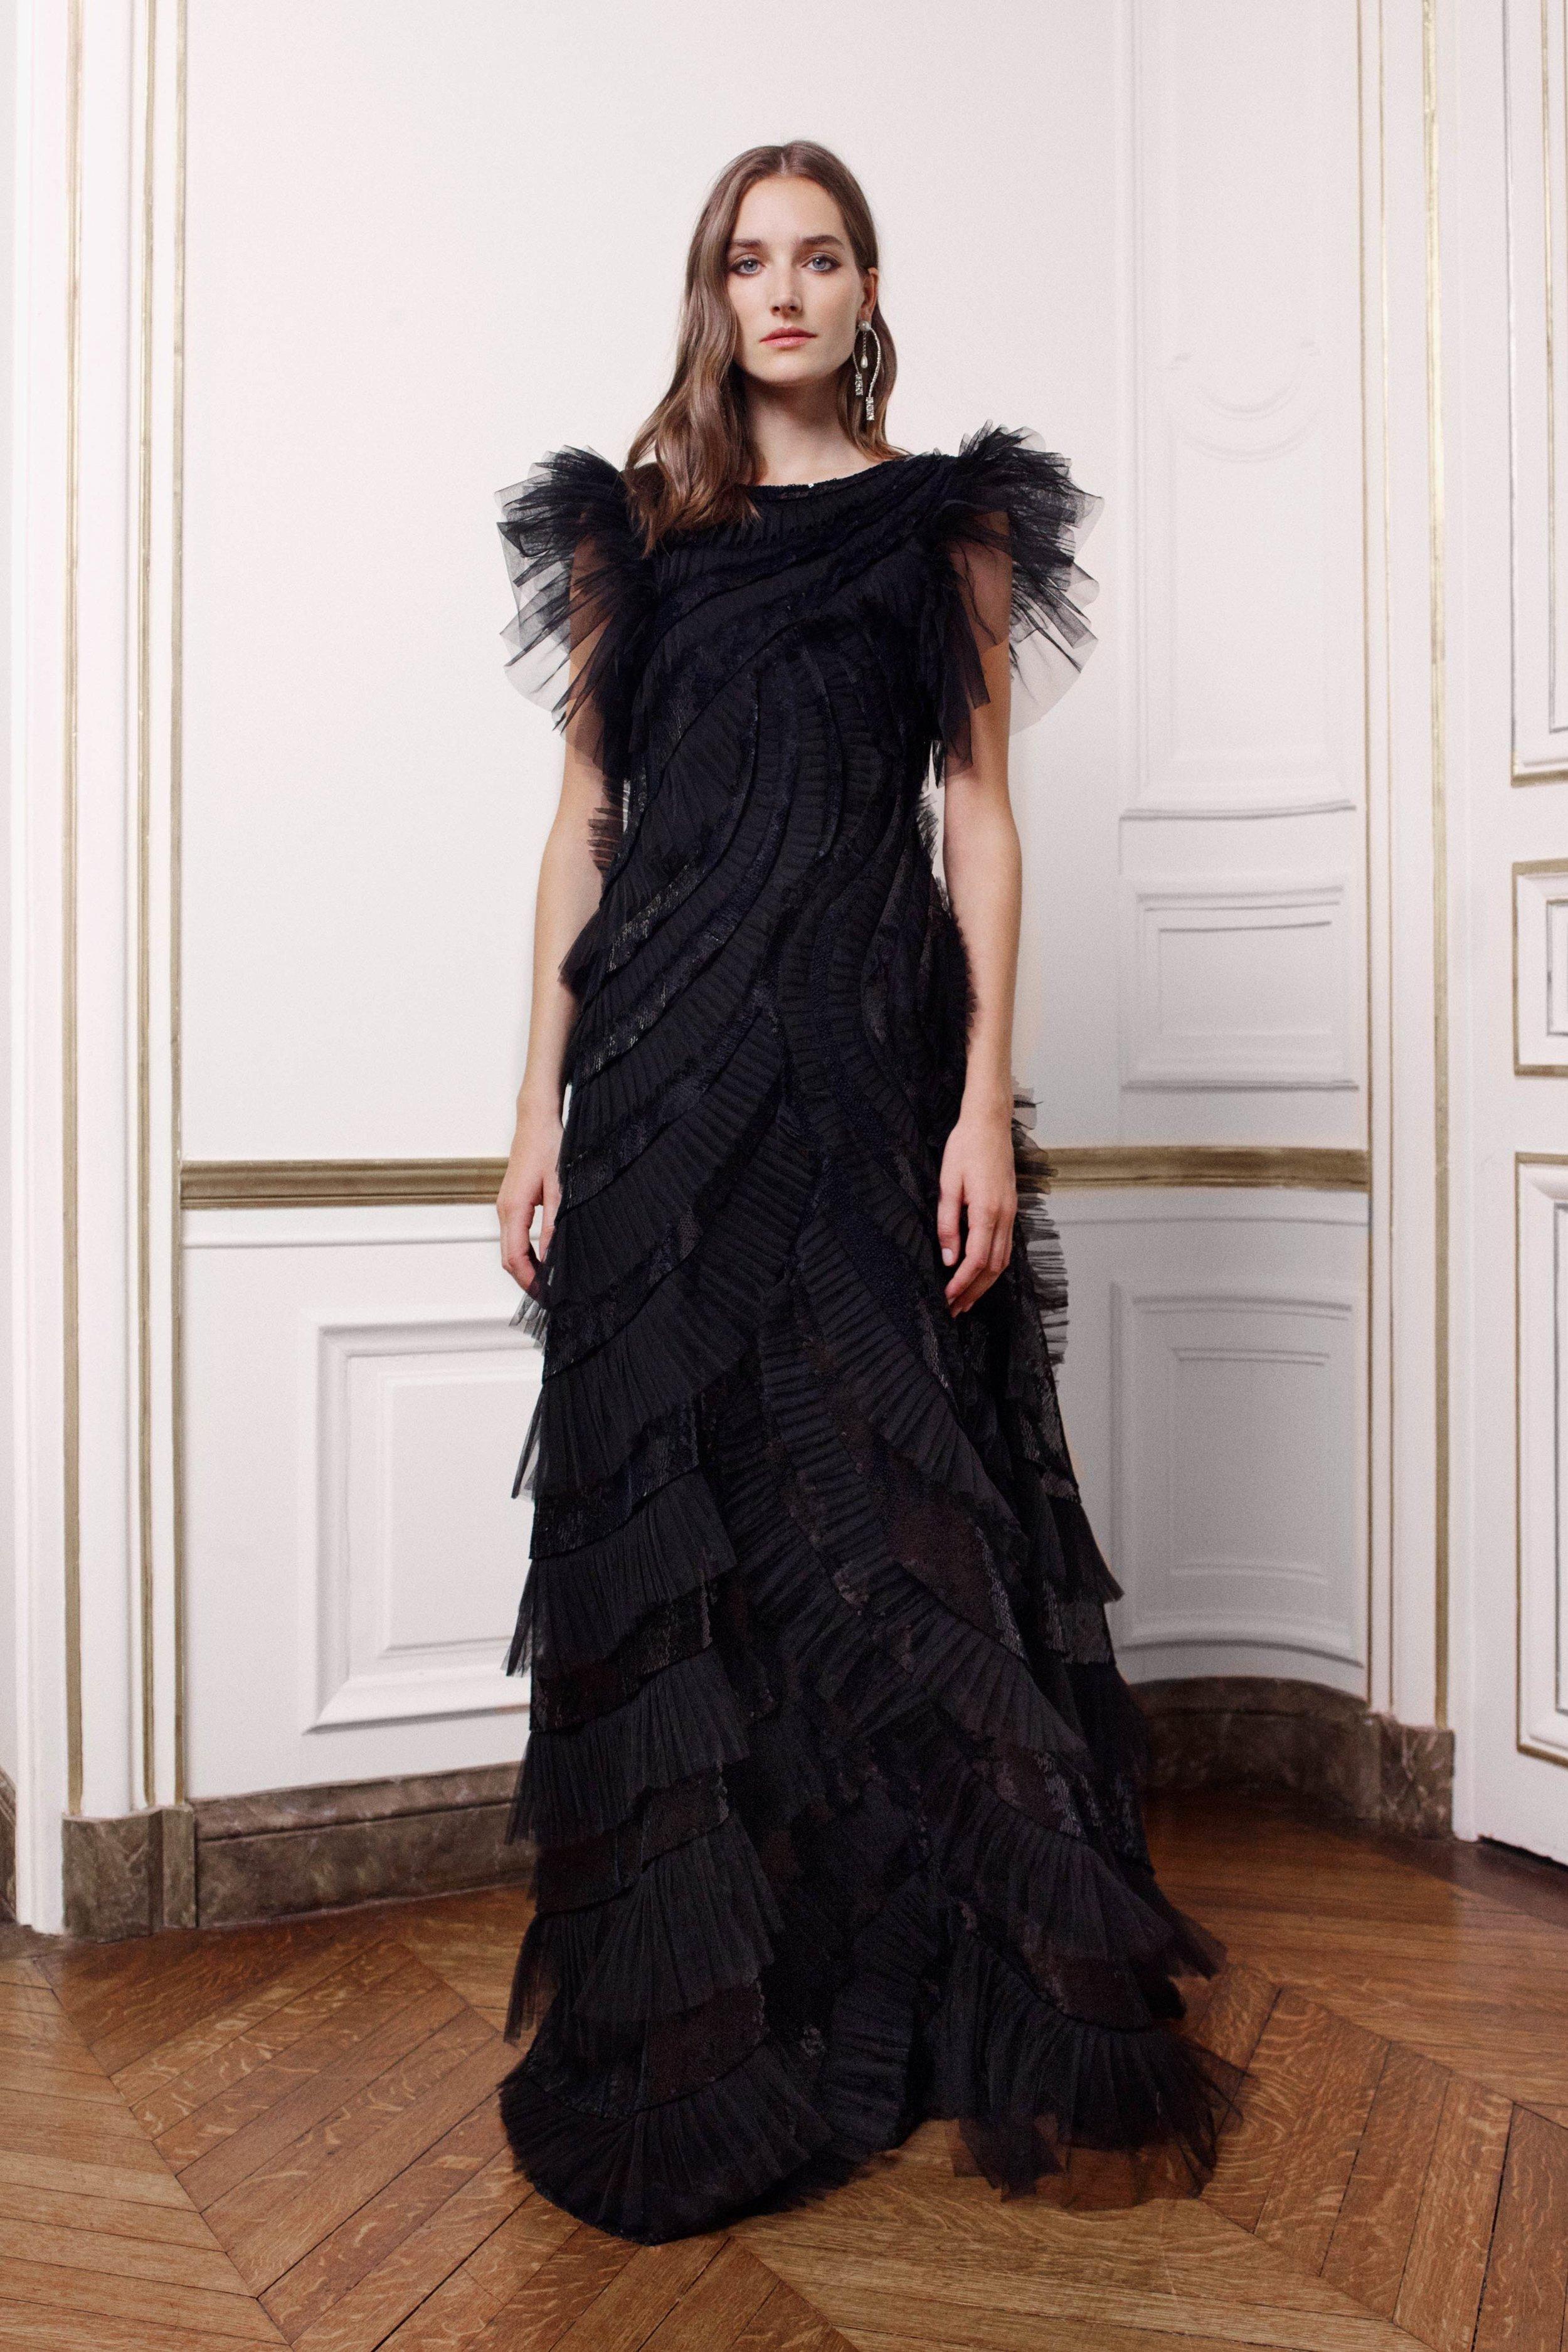 00008-alberta-ferreti-paris-couture-spring-19.jpg